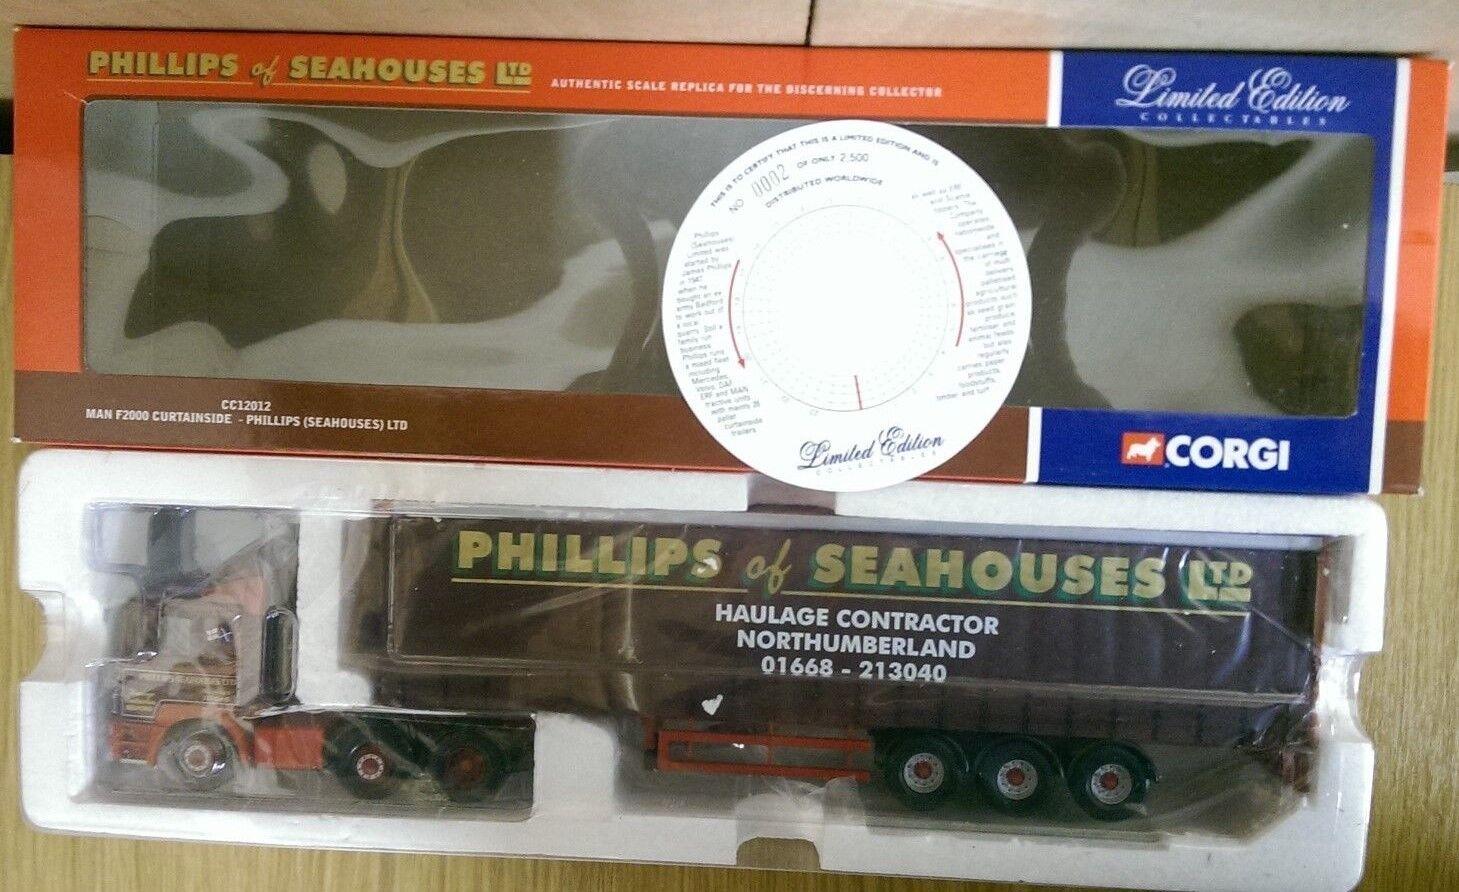 CORGI CC12012 MAN F2000 CURTAINSIDE Phillips  seahouses  Ltd Ed. 0002 del 2500